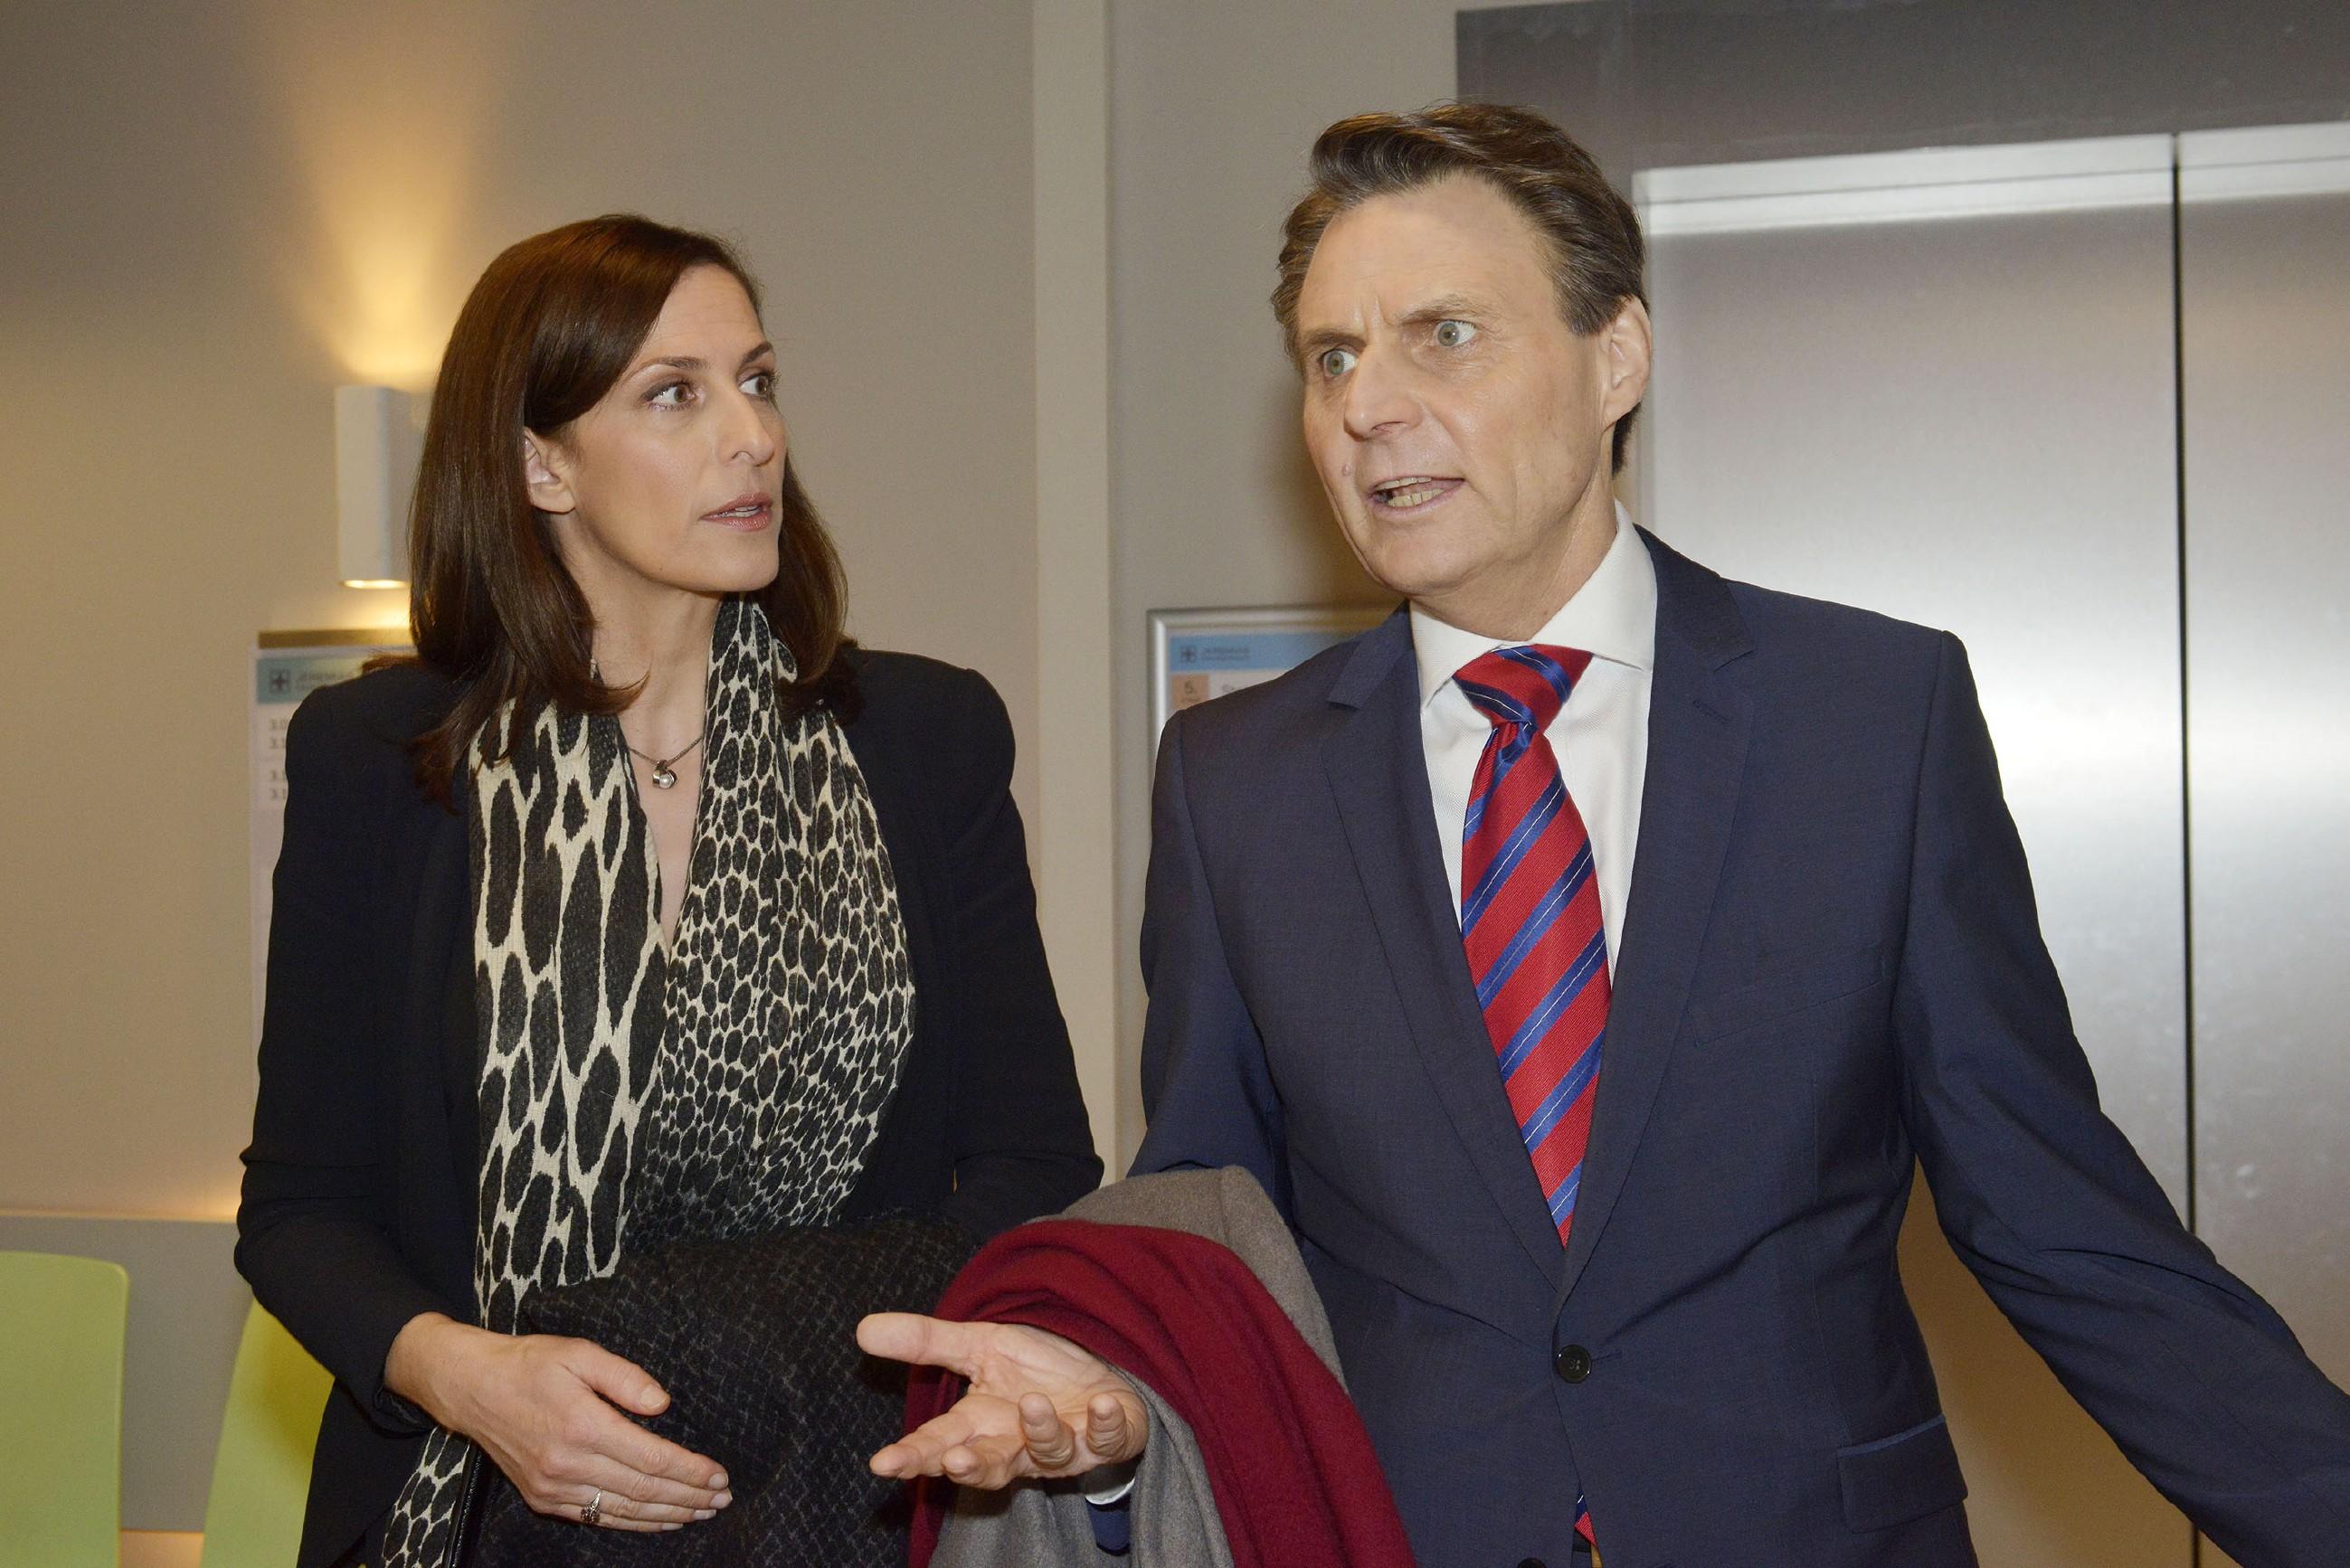 Katrin (Ulrike Frank) und Gerner (Wolfgang Bahro) sind erschüttert, dass ihre Tochter abhauen wollte und sich in Lebensgefahr gebracht hat. (Quelle: RTL / Rolf Baumgartner)